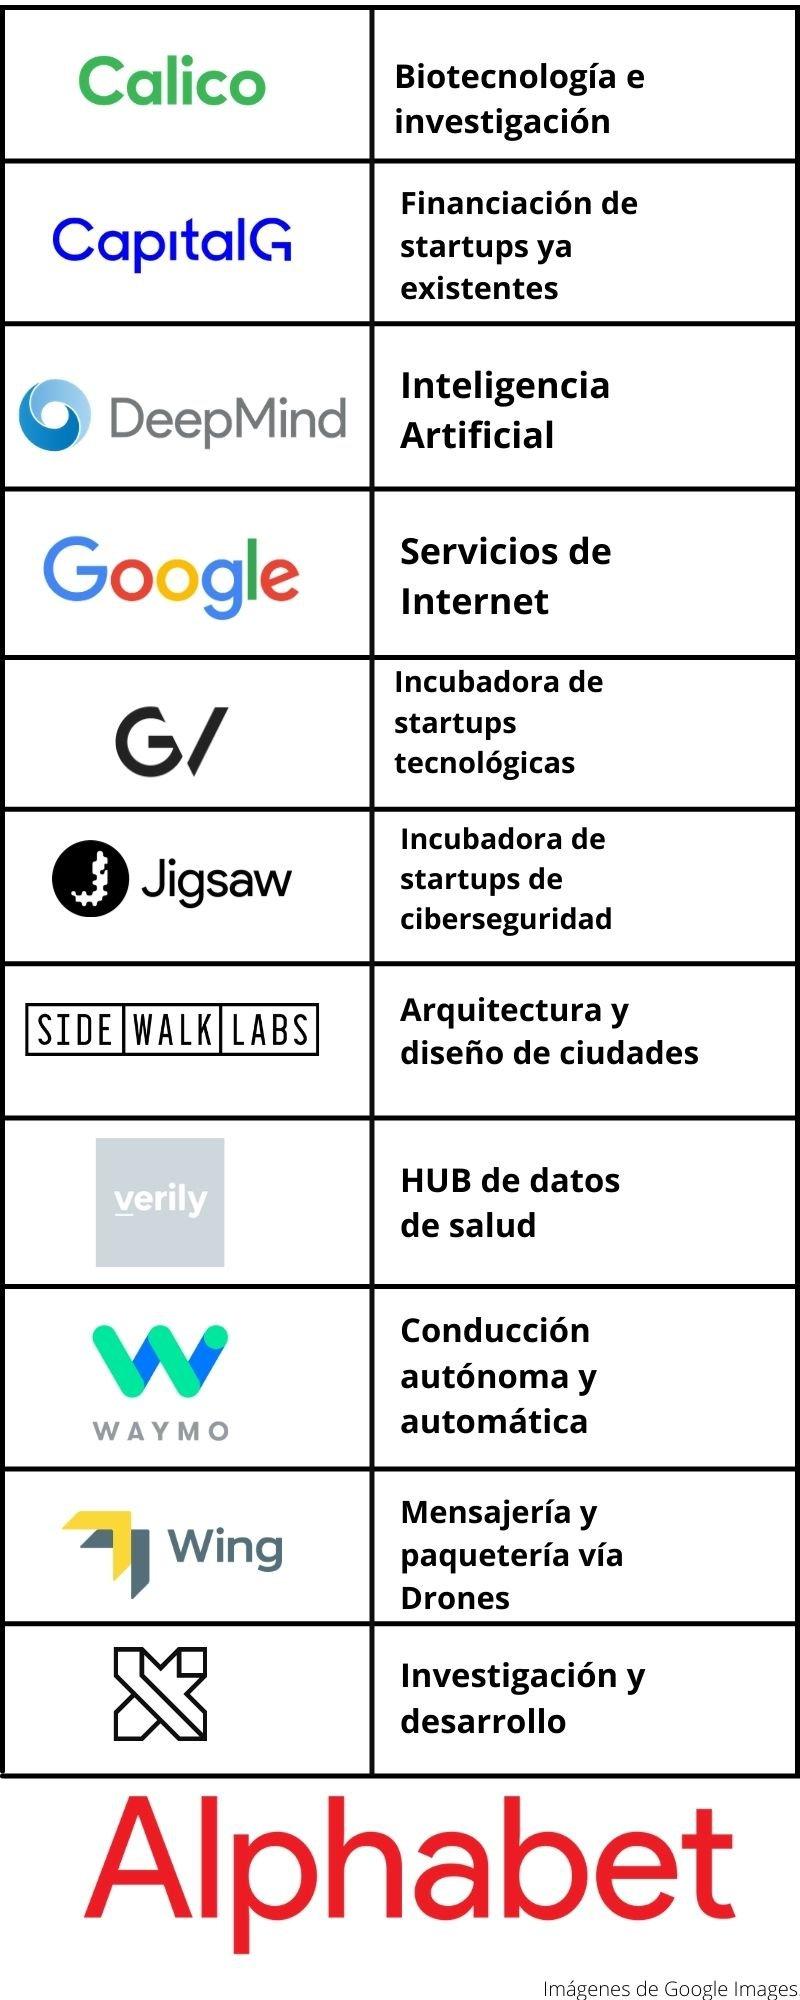 empresas de alphabet y google